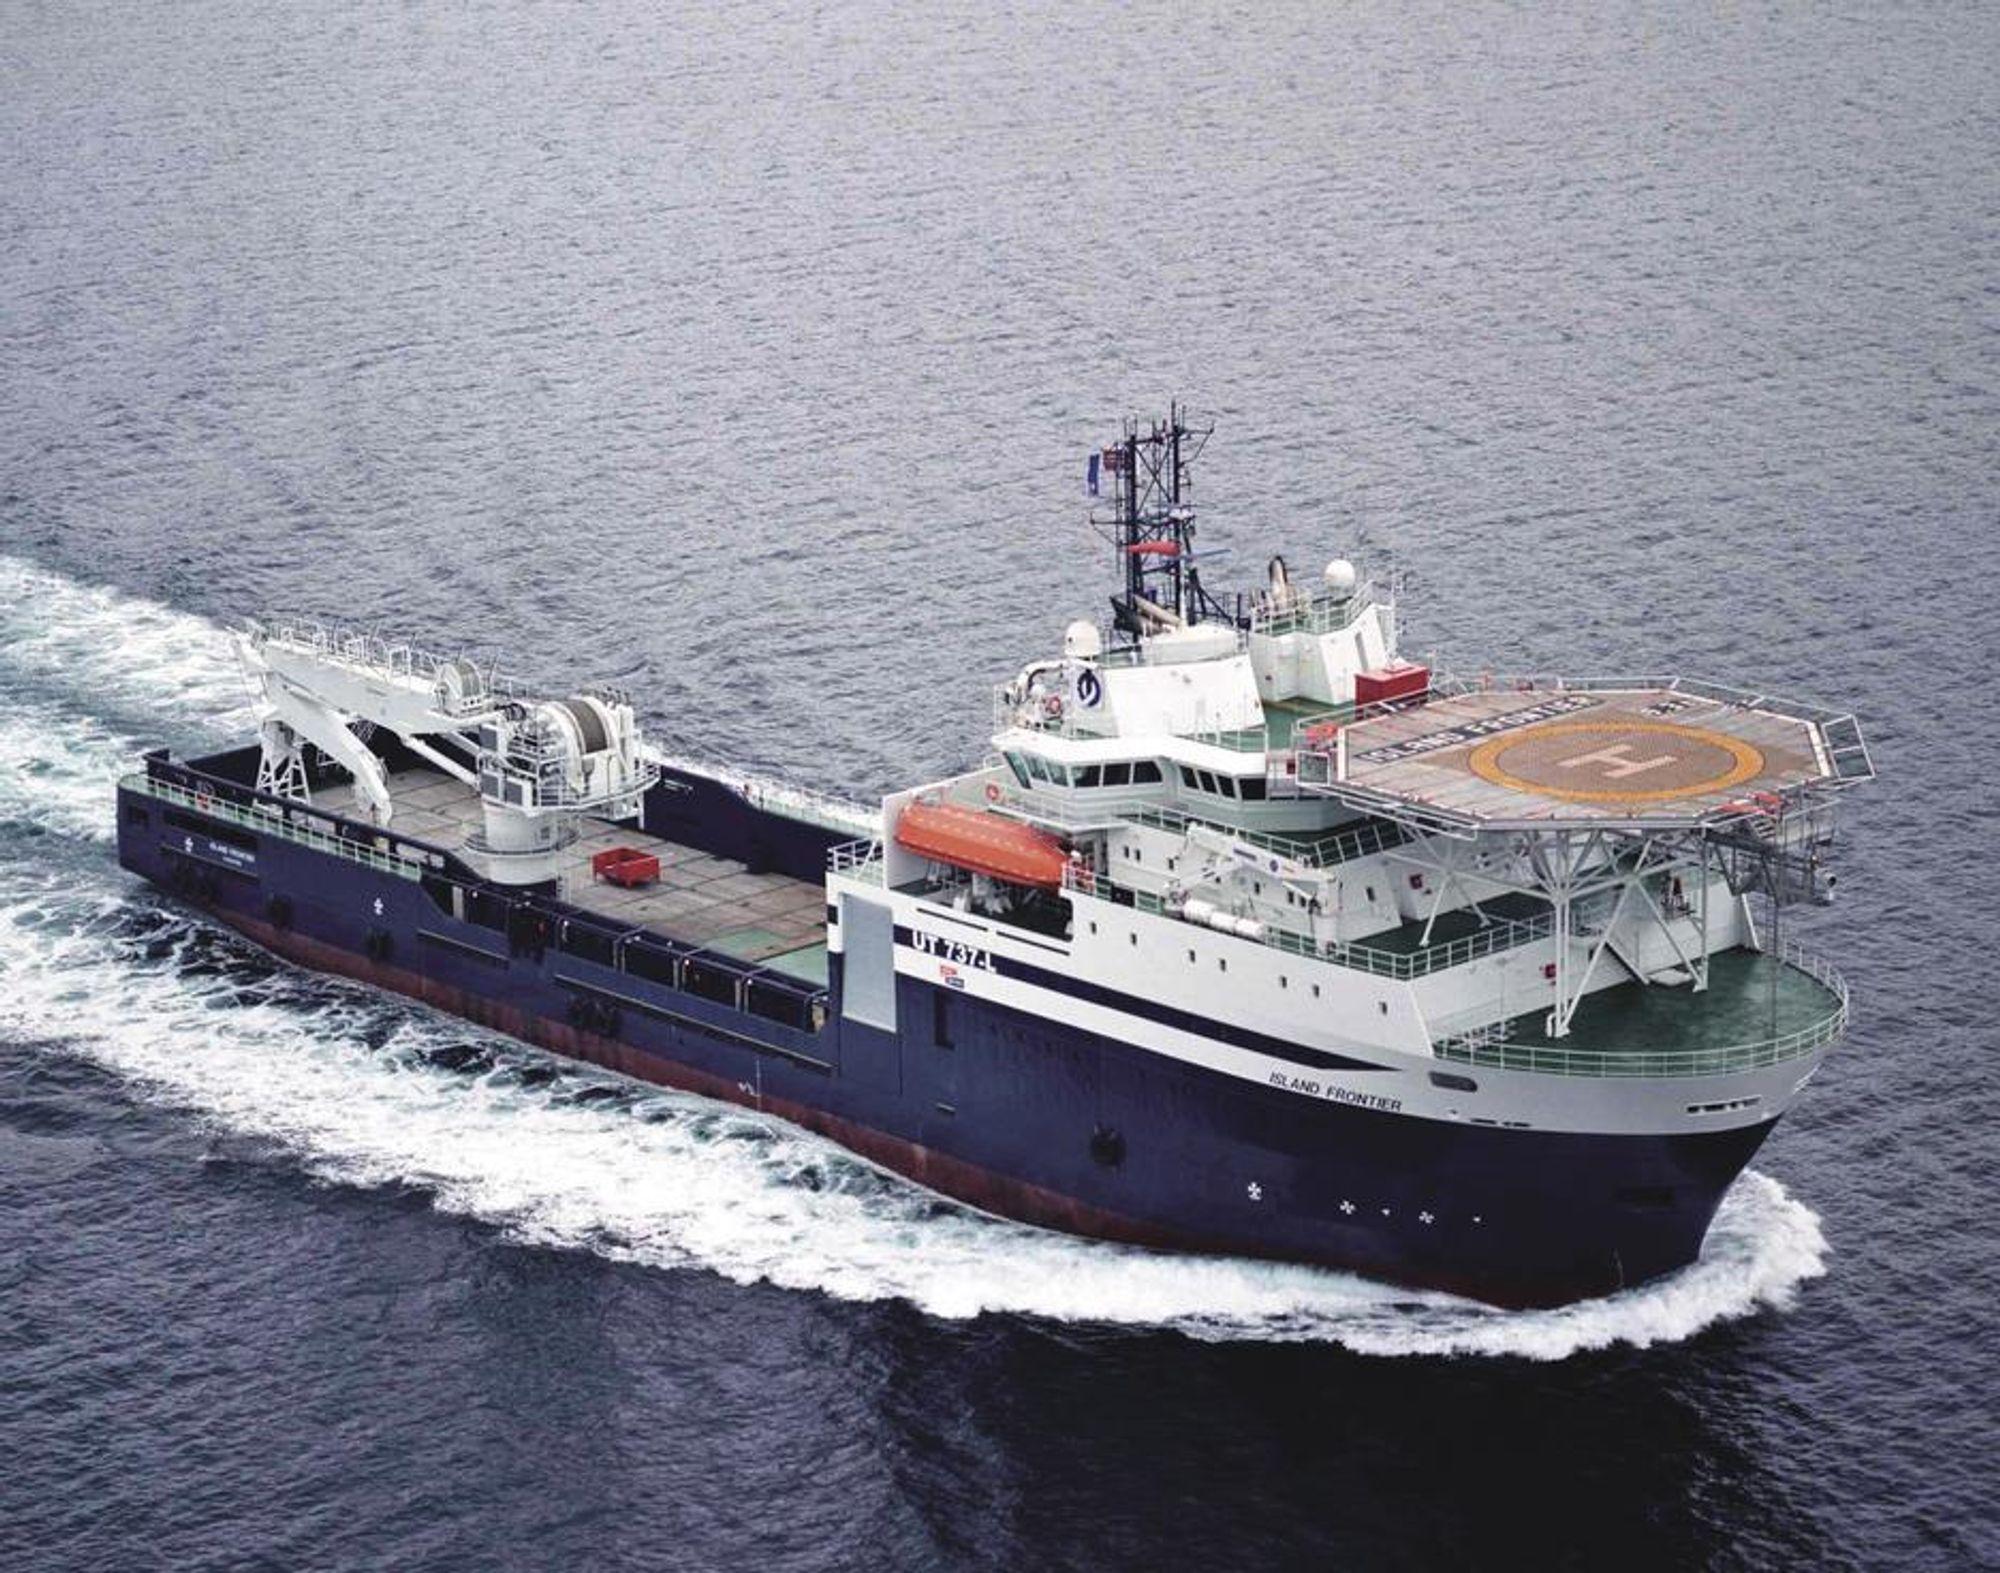 ISLAND FRONTIER: Aker Yards har bygget dette skipet for Island Offshore tidligere. Den er av typen UT737.